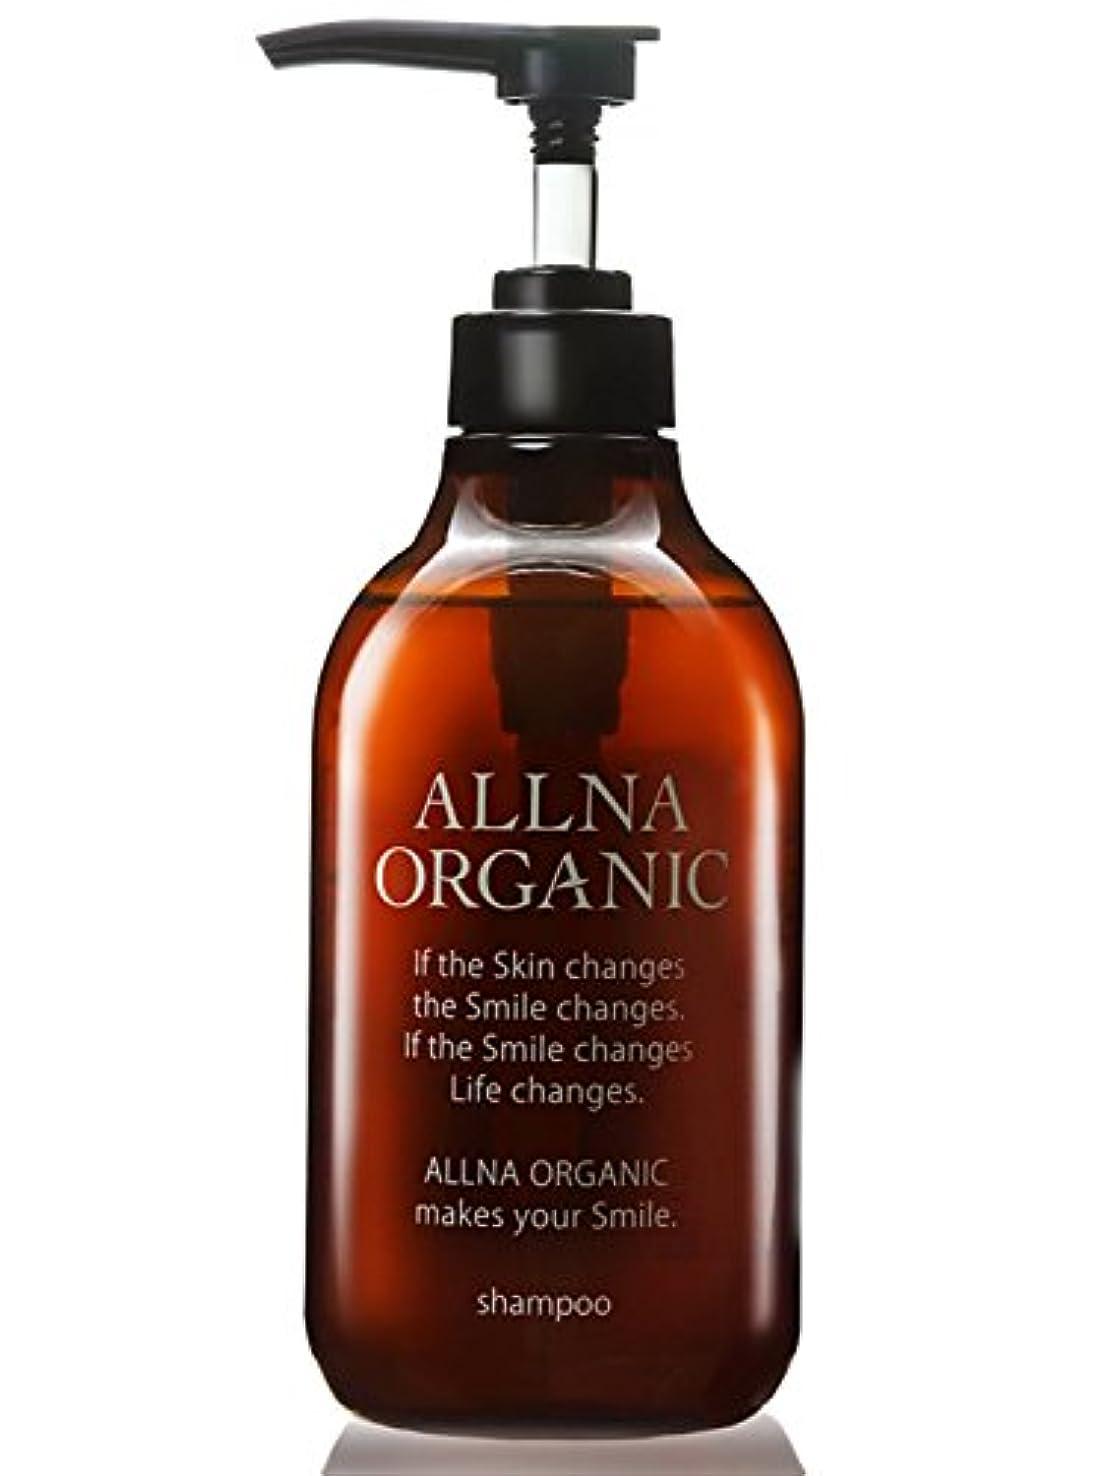 野ウサギプラスチック成功オルナ オーガニック シャンプー 無添加 ノンシリコン 天然由来 無香料でボタニカルな香り「コラーゲン ヒアルロン酸 ビタミンC誘導体 セラミド 配合」500ml (シャンプー ポンプ) (スムース)